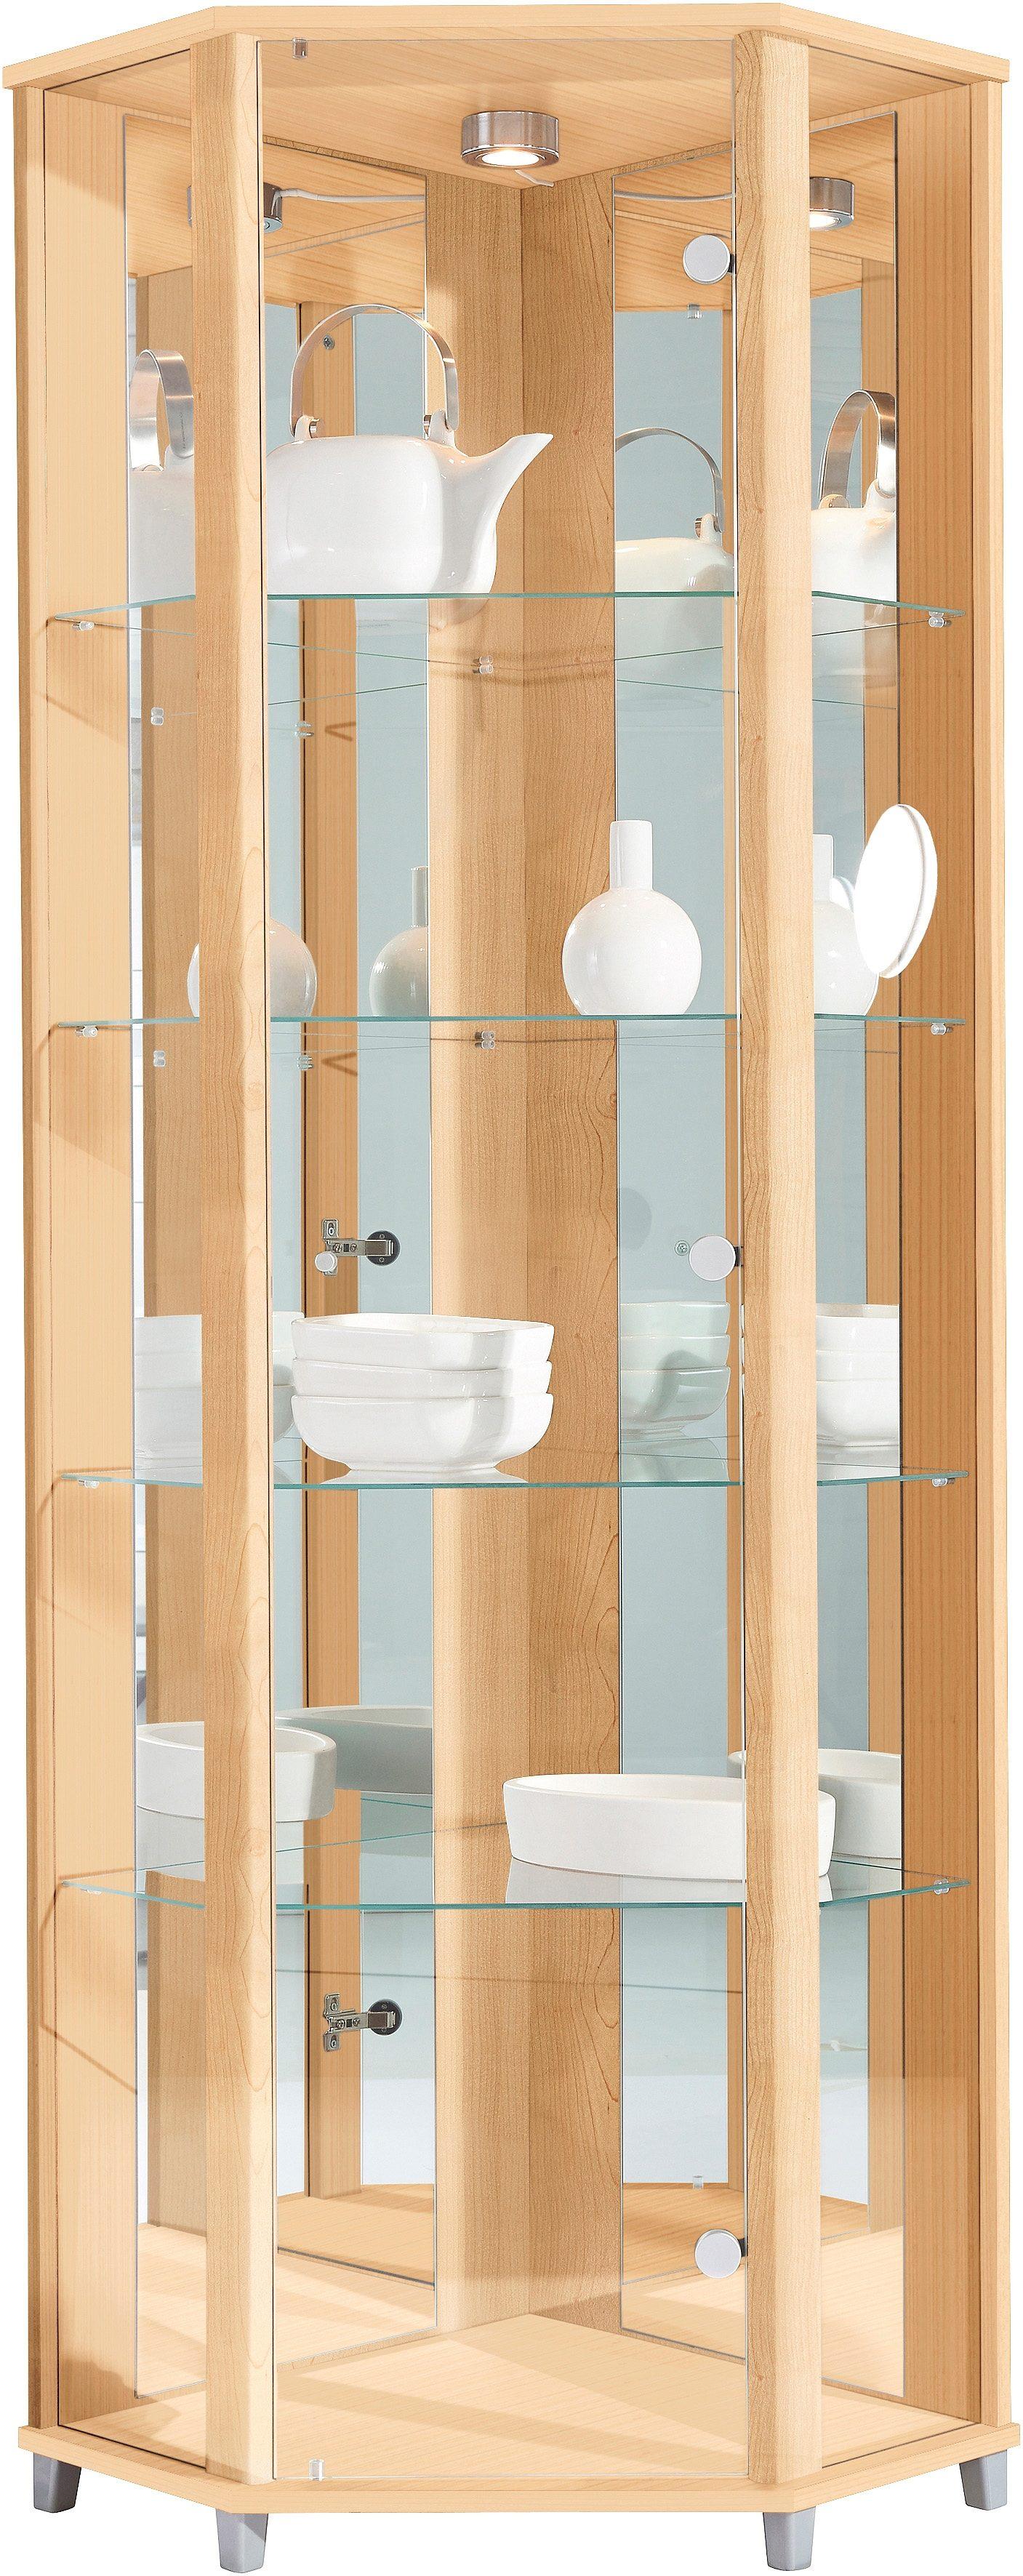 Eckvitrine Höhe 172 cm 4 Glasböden | Wohnzimmer > Vitrinen > Eckvitrinen | Melamin